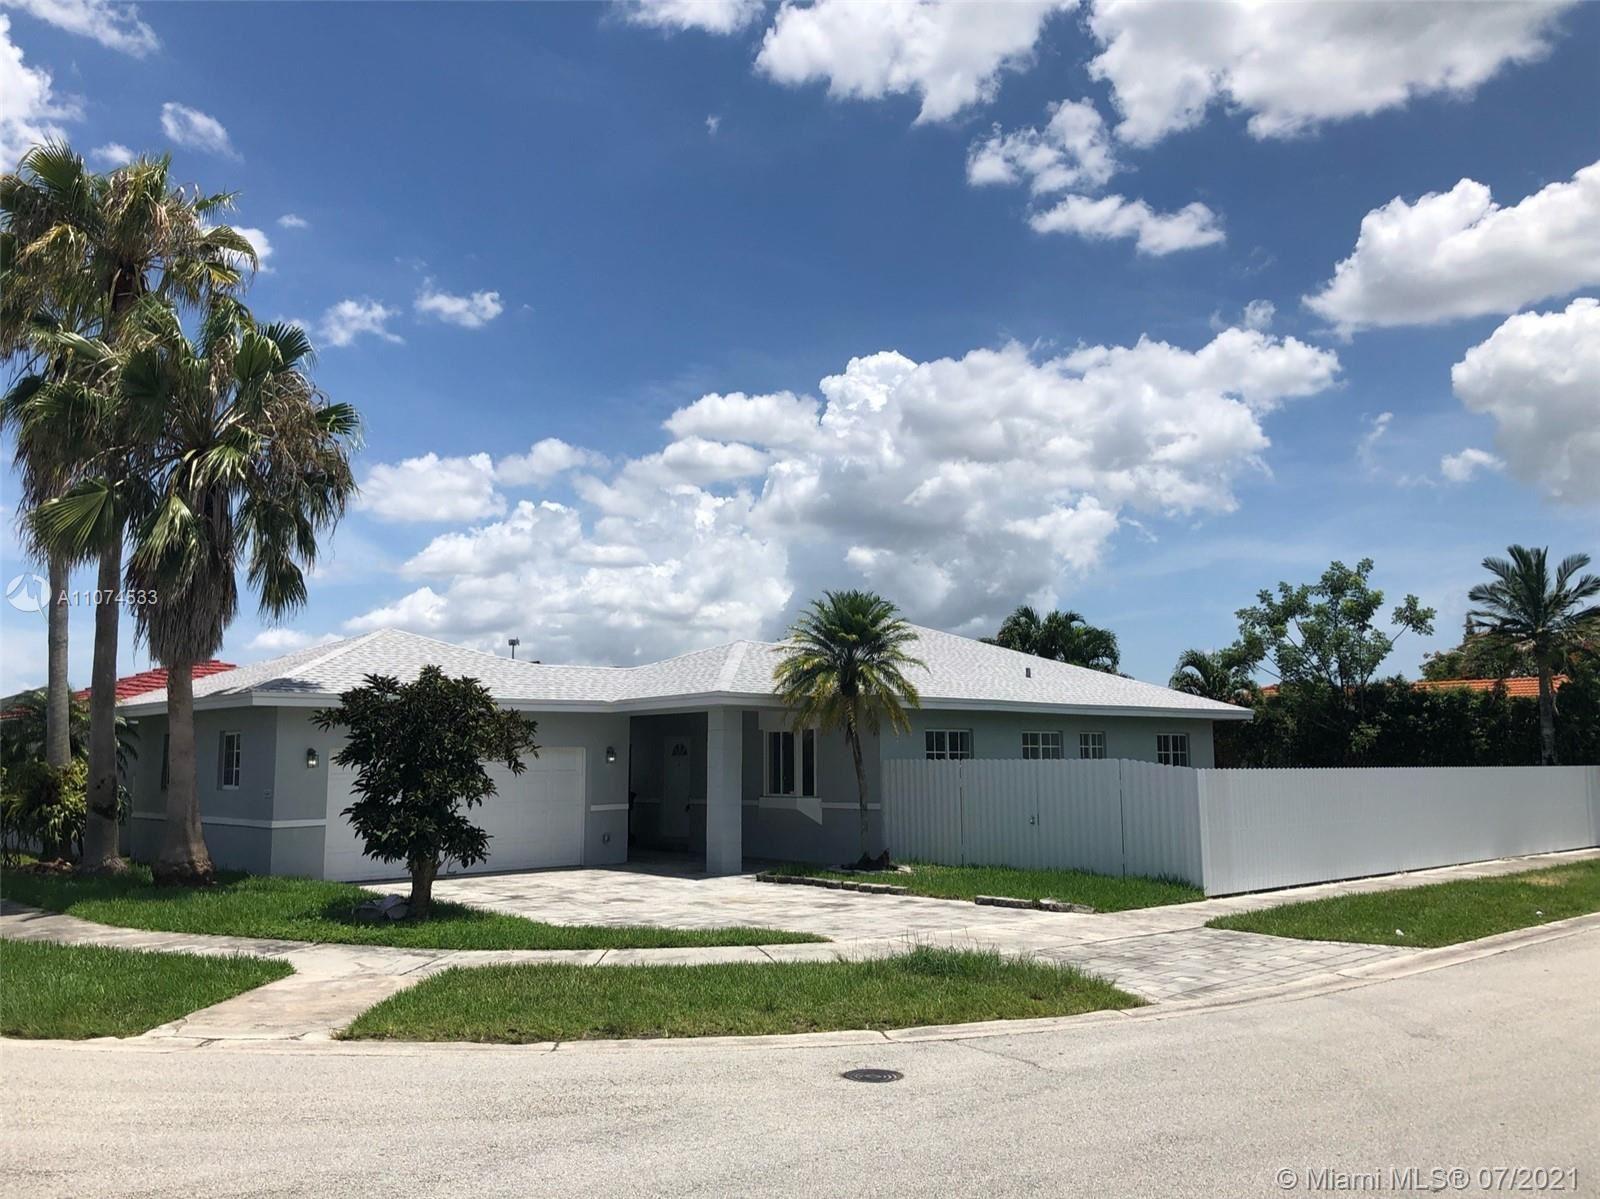 14341 SW 147th Pl, Miami, FL 33196 - #: A11074533